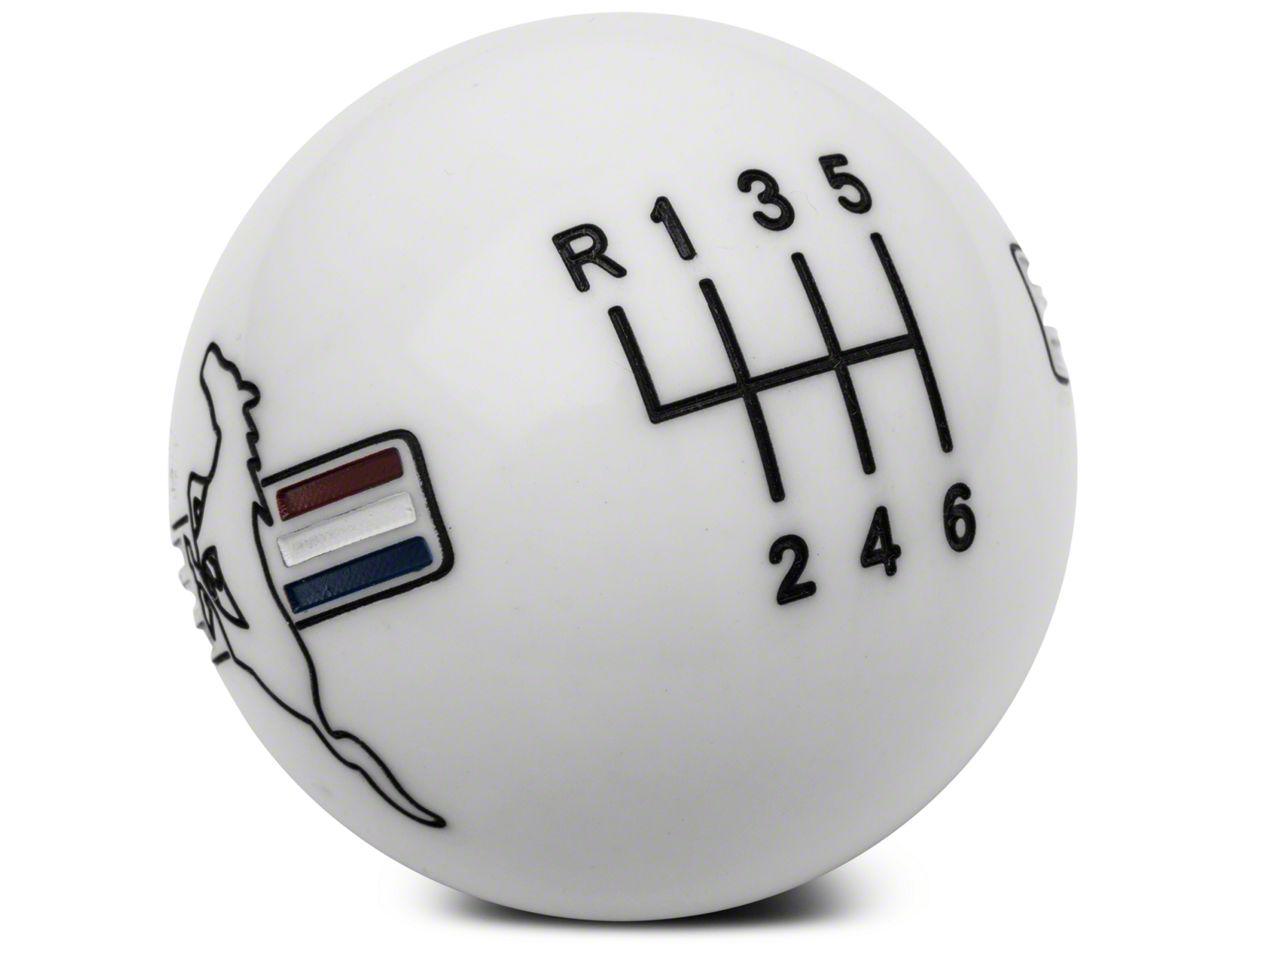 Modern Billet Retro Style 6-Speed Shift Knob w/ Tri-Bar Pony Logo - White (15-19 GT, EcoBoost, V6)